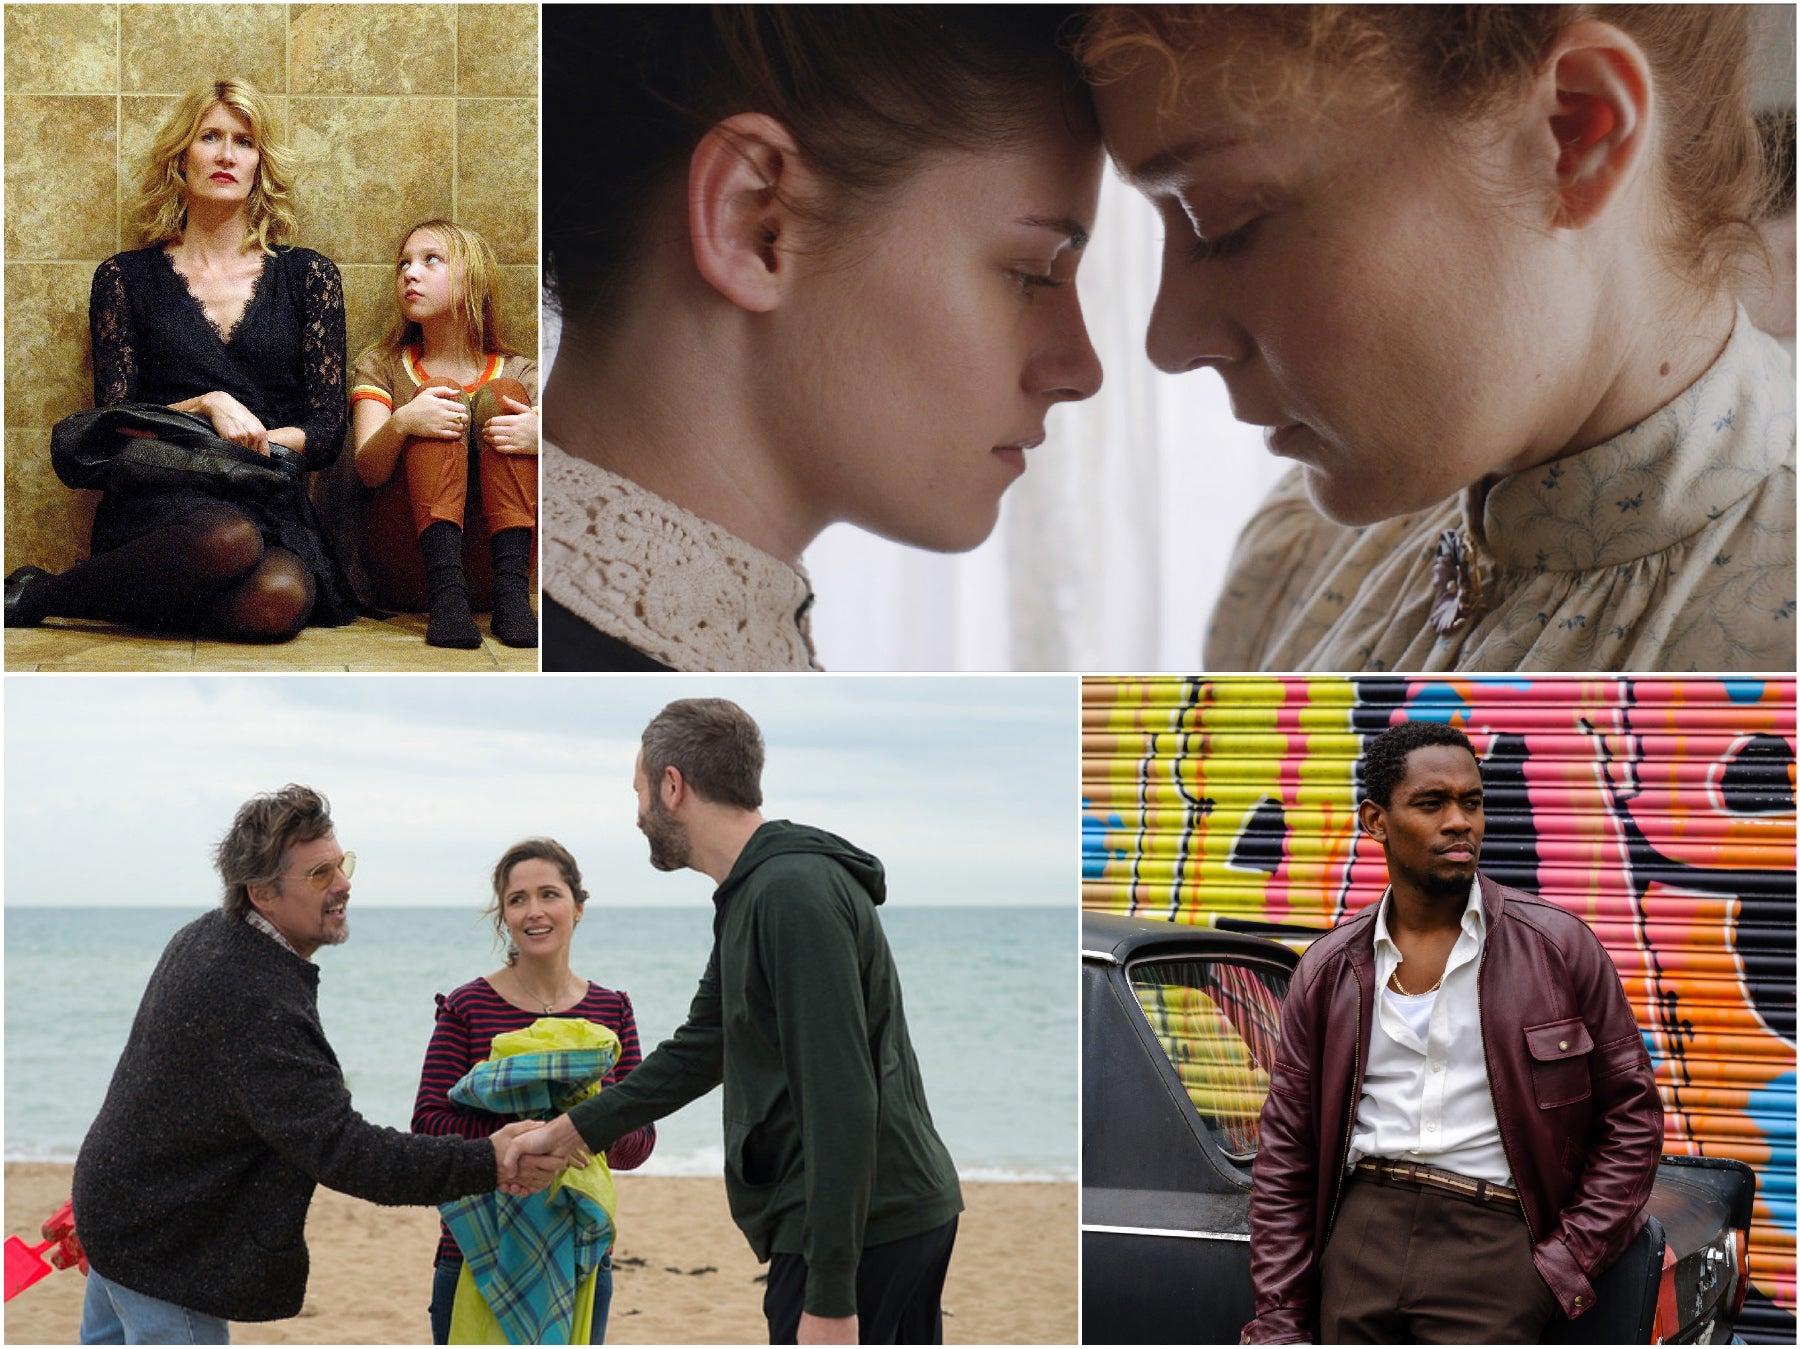 Films from the 2018 Sundance Festival